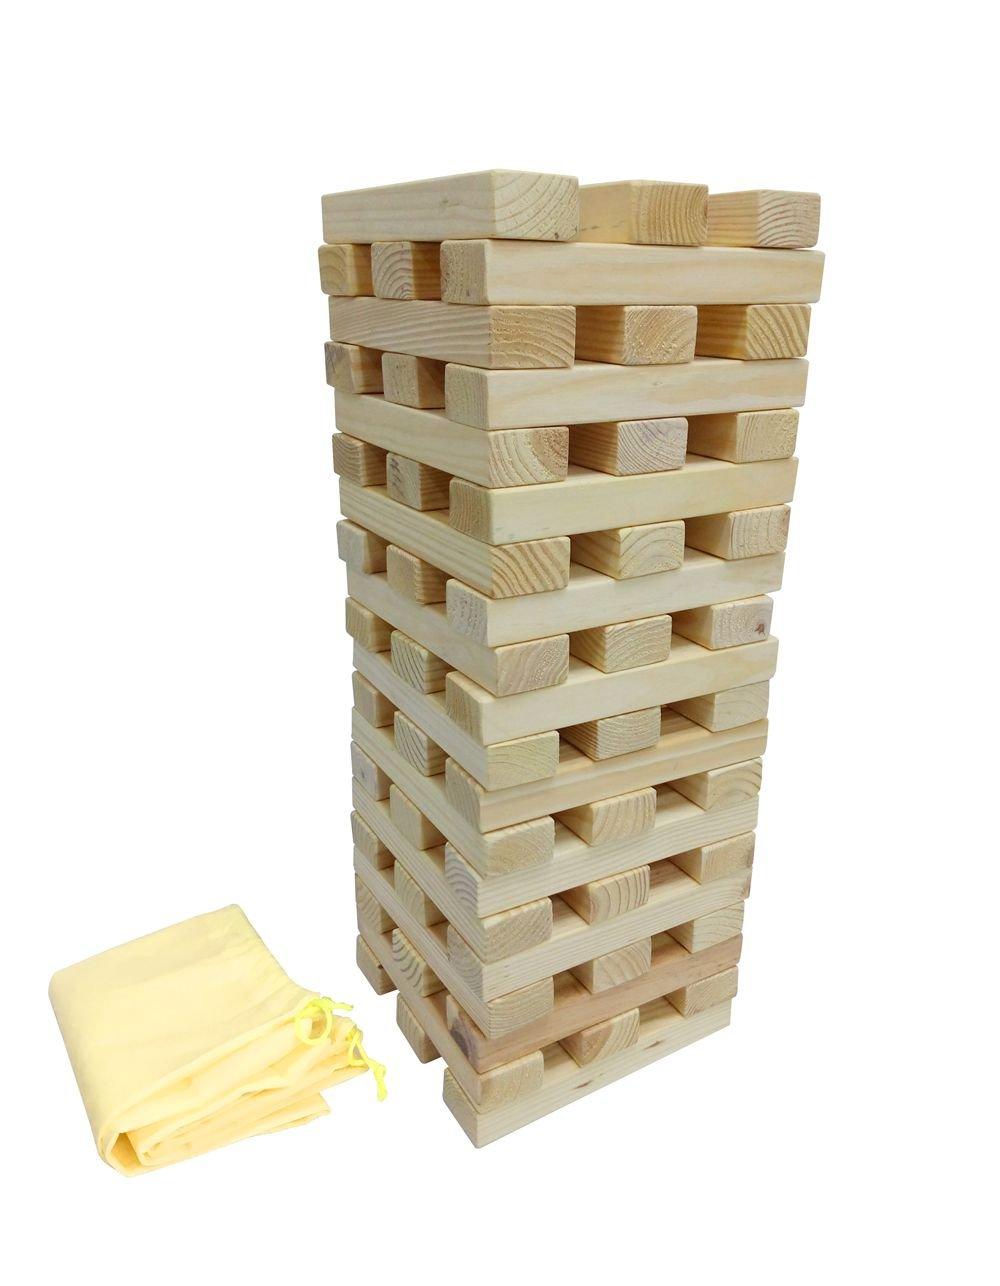 Heemika Gaint Tower Blocks Wooden Tower ,Max to 1.8M Height